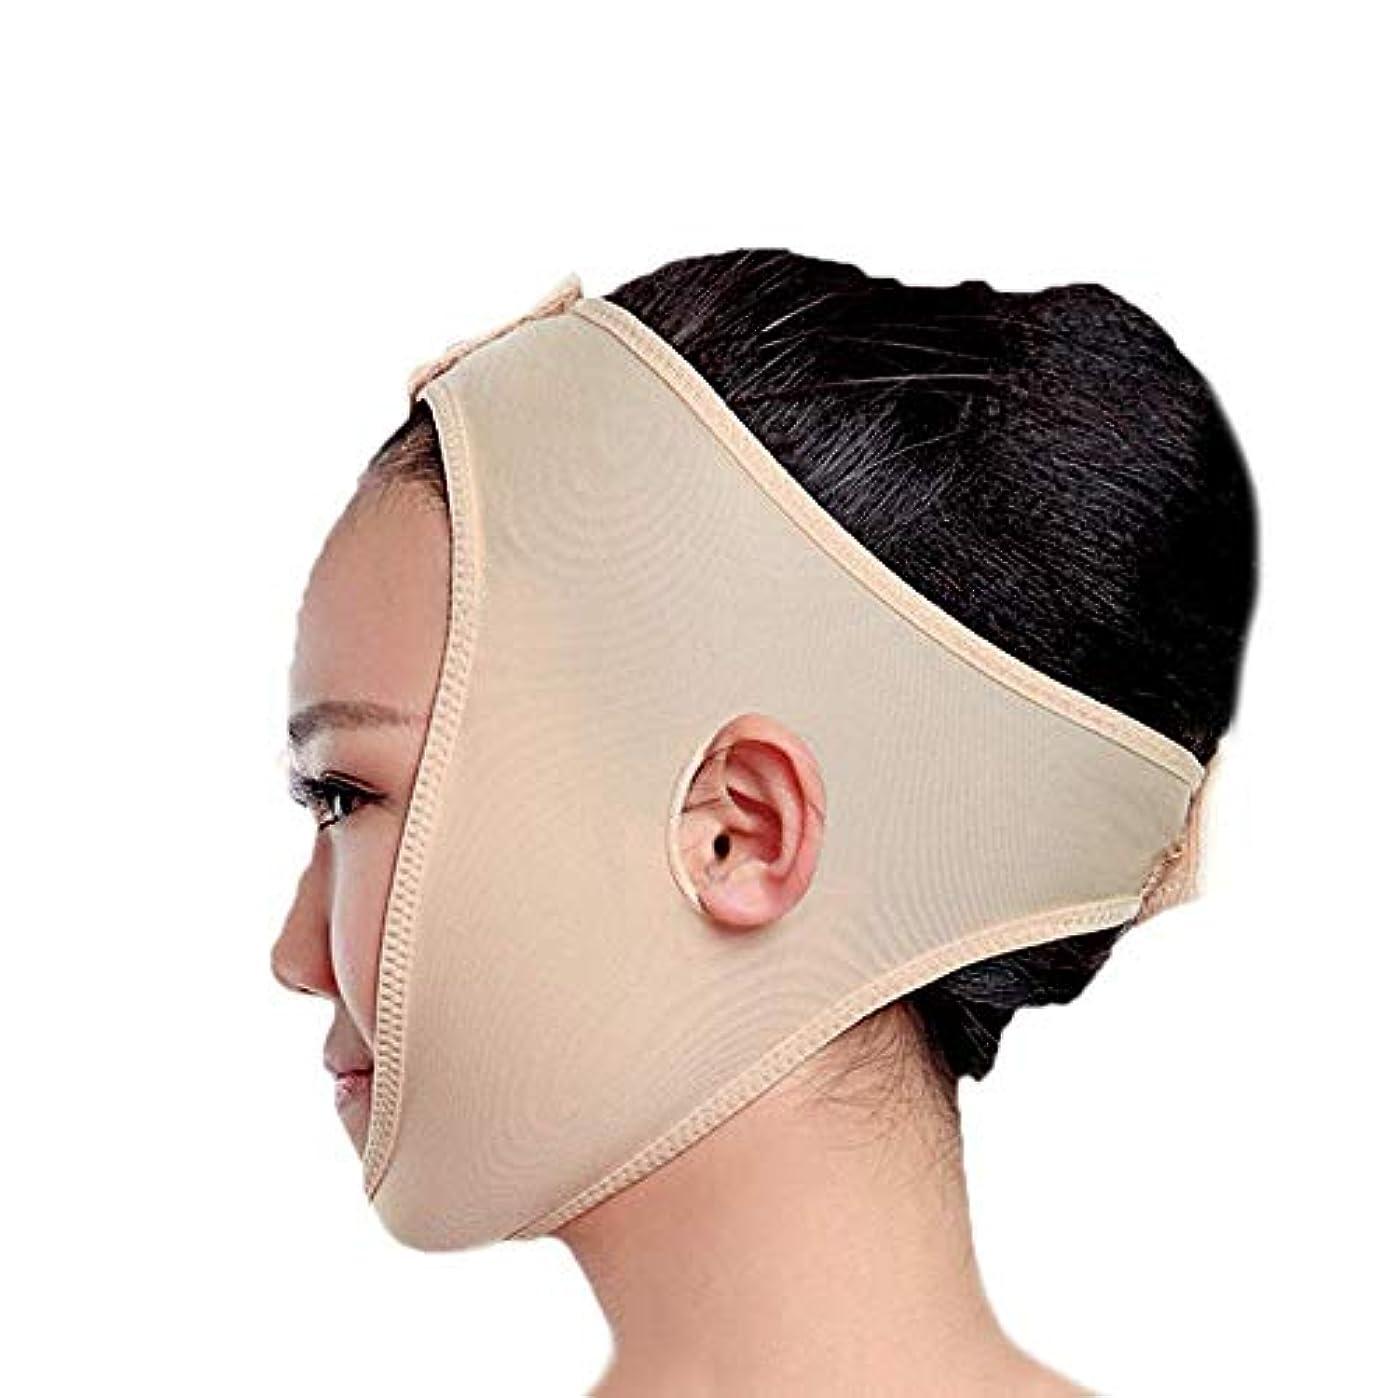 弁護士カエル面フェイススリミングマスク、快適さと通気性、フェイシャルリフティング、輪郭の改善された硬さ、ファーミングとリフティングフェイス(カラー:ブラック、サイズ:XL),黄色がかったピンク2、M